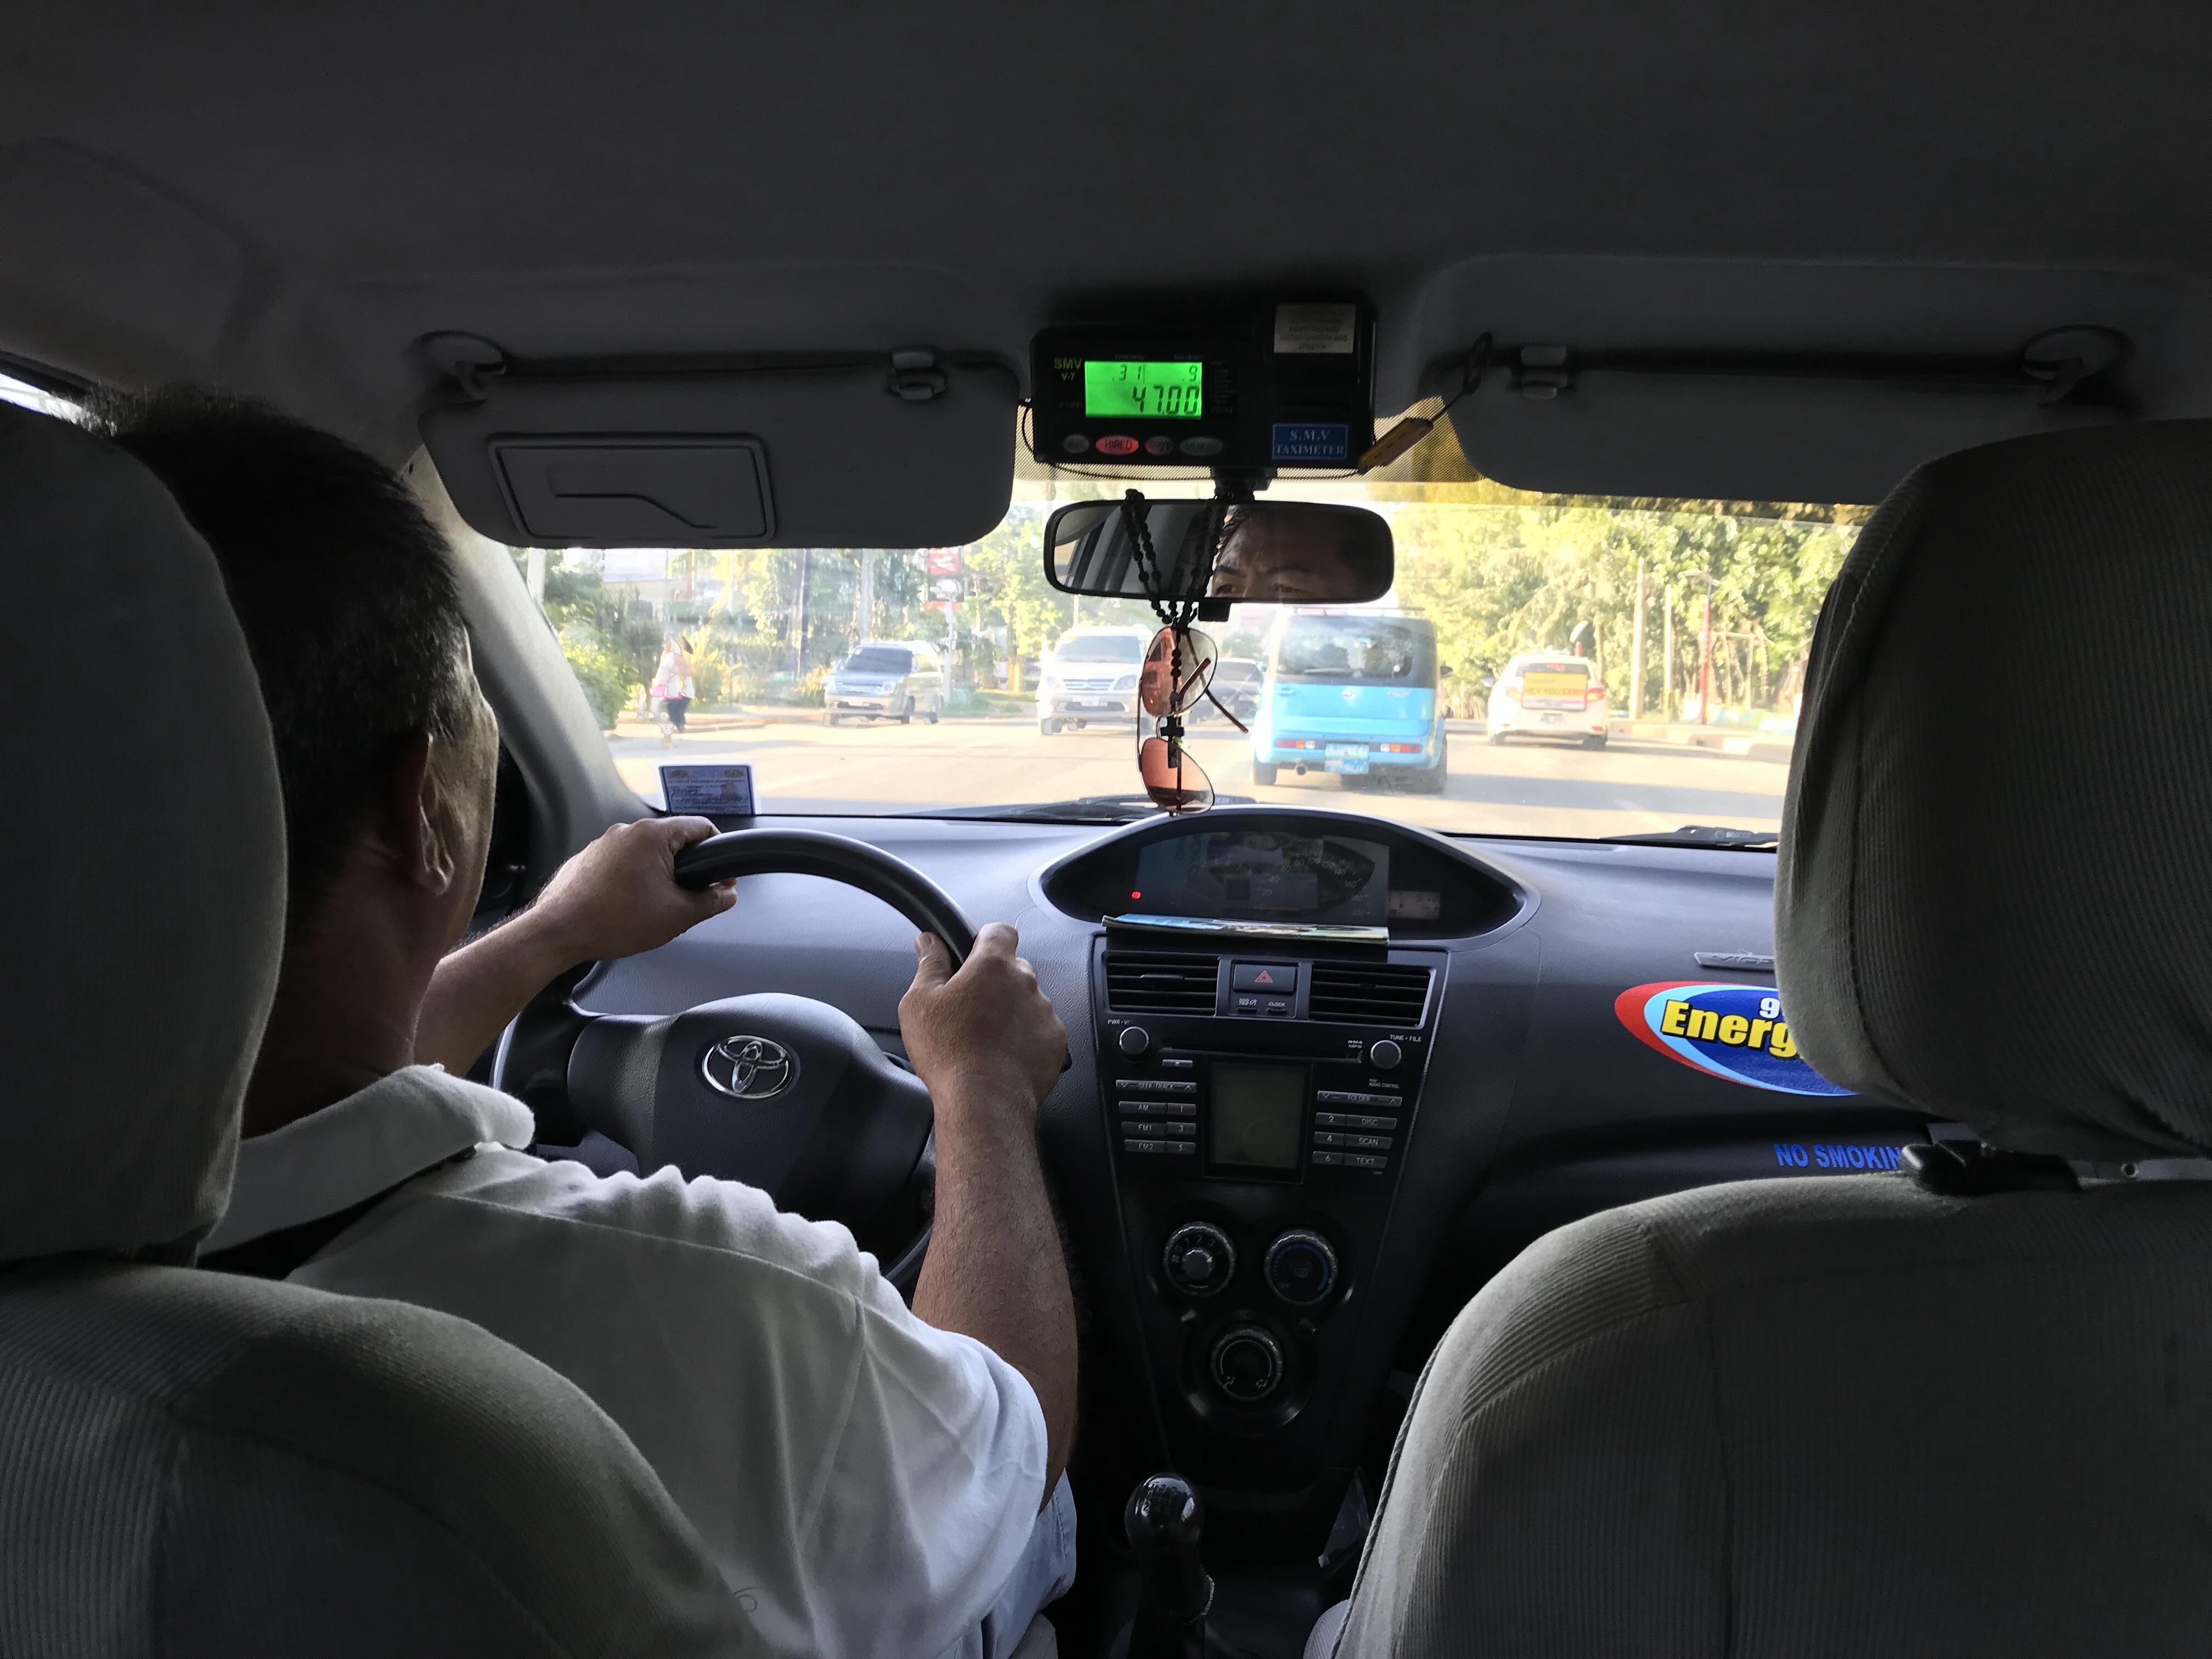 Der Taxifahrer bringt mich zu meiner Unterkunft